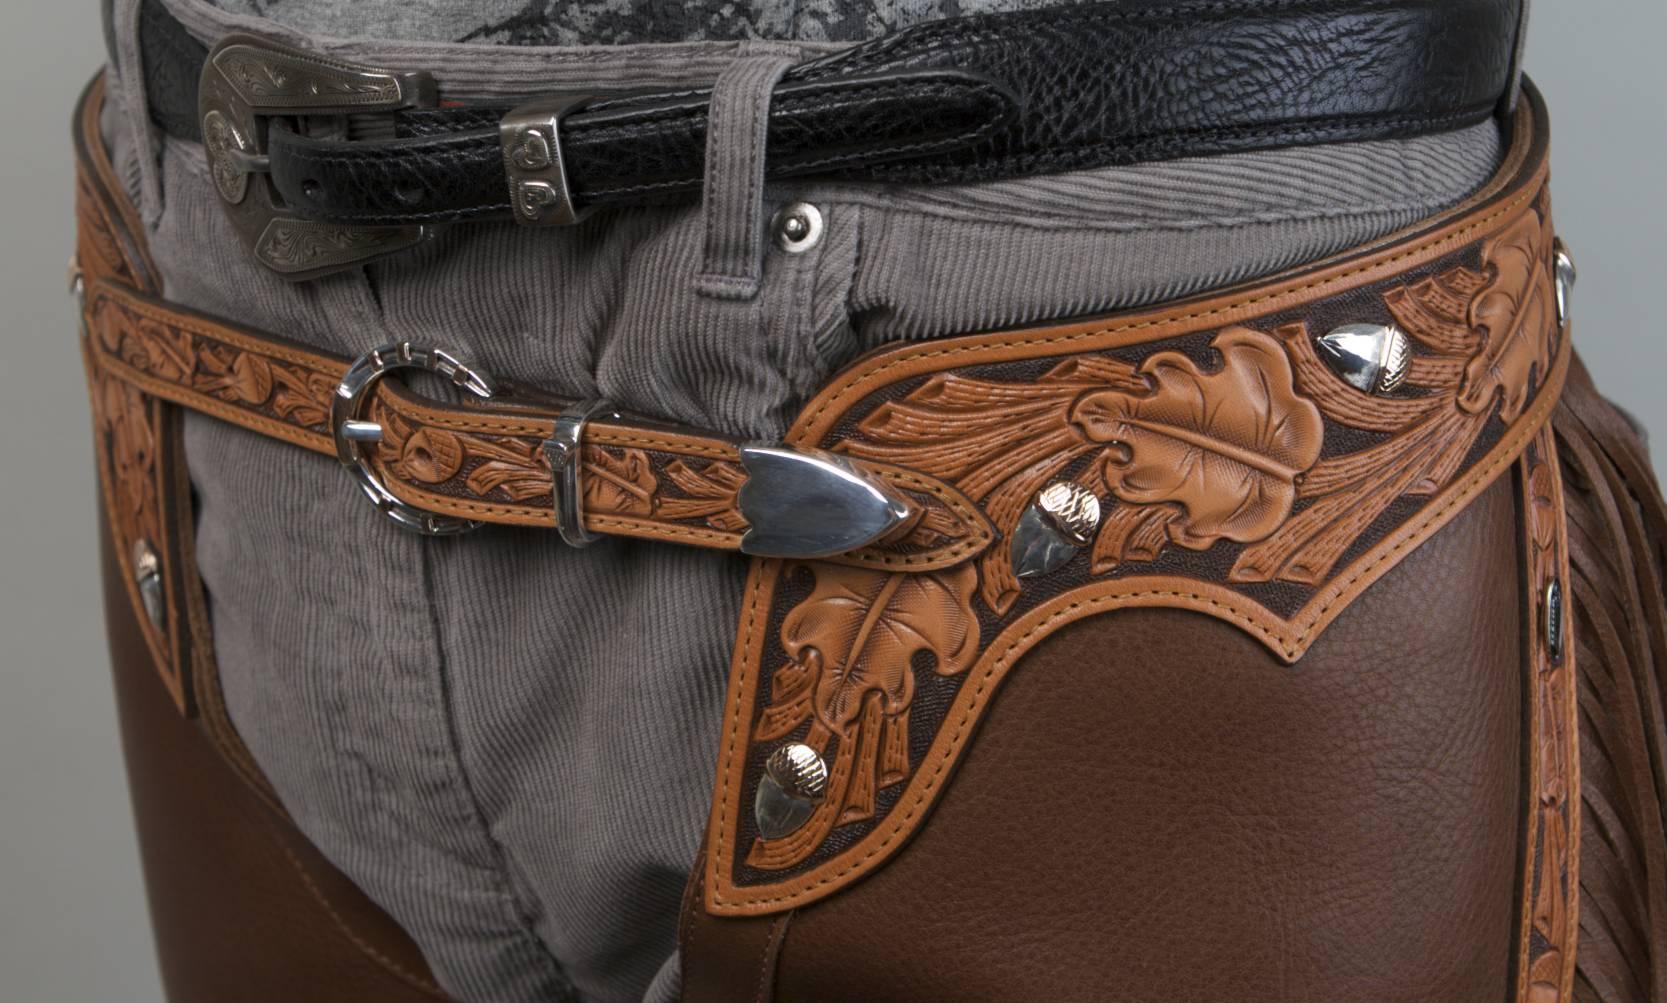 Hand-Carved Belt with Oak Leaf and Acorn Motif